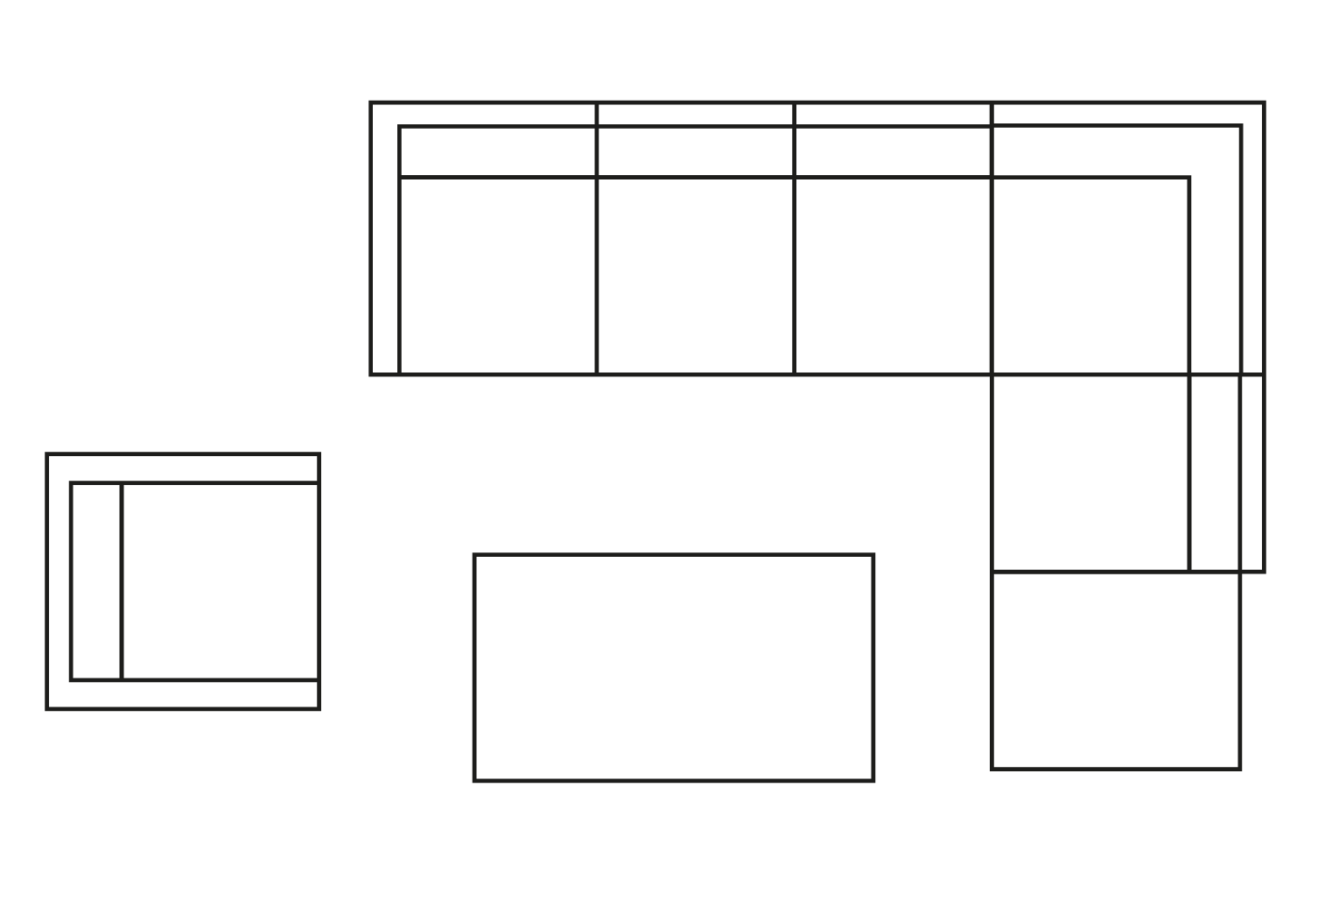 meble tarasowe teide układ przykładowe ustawienie